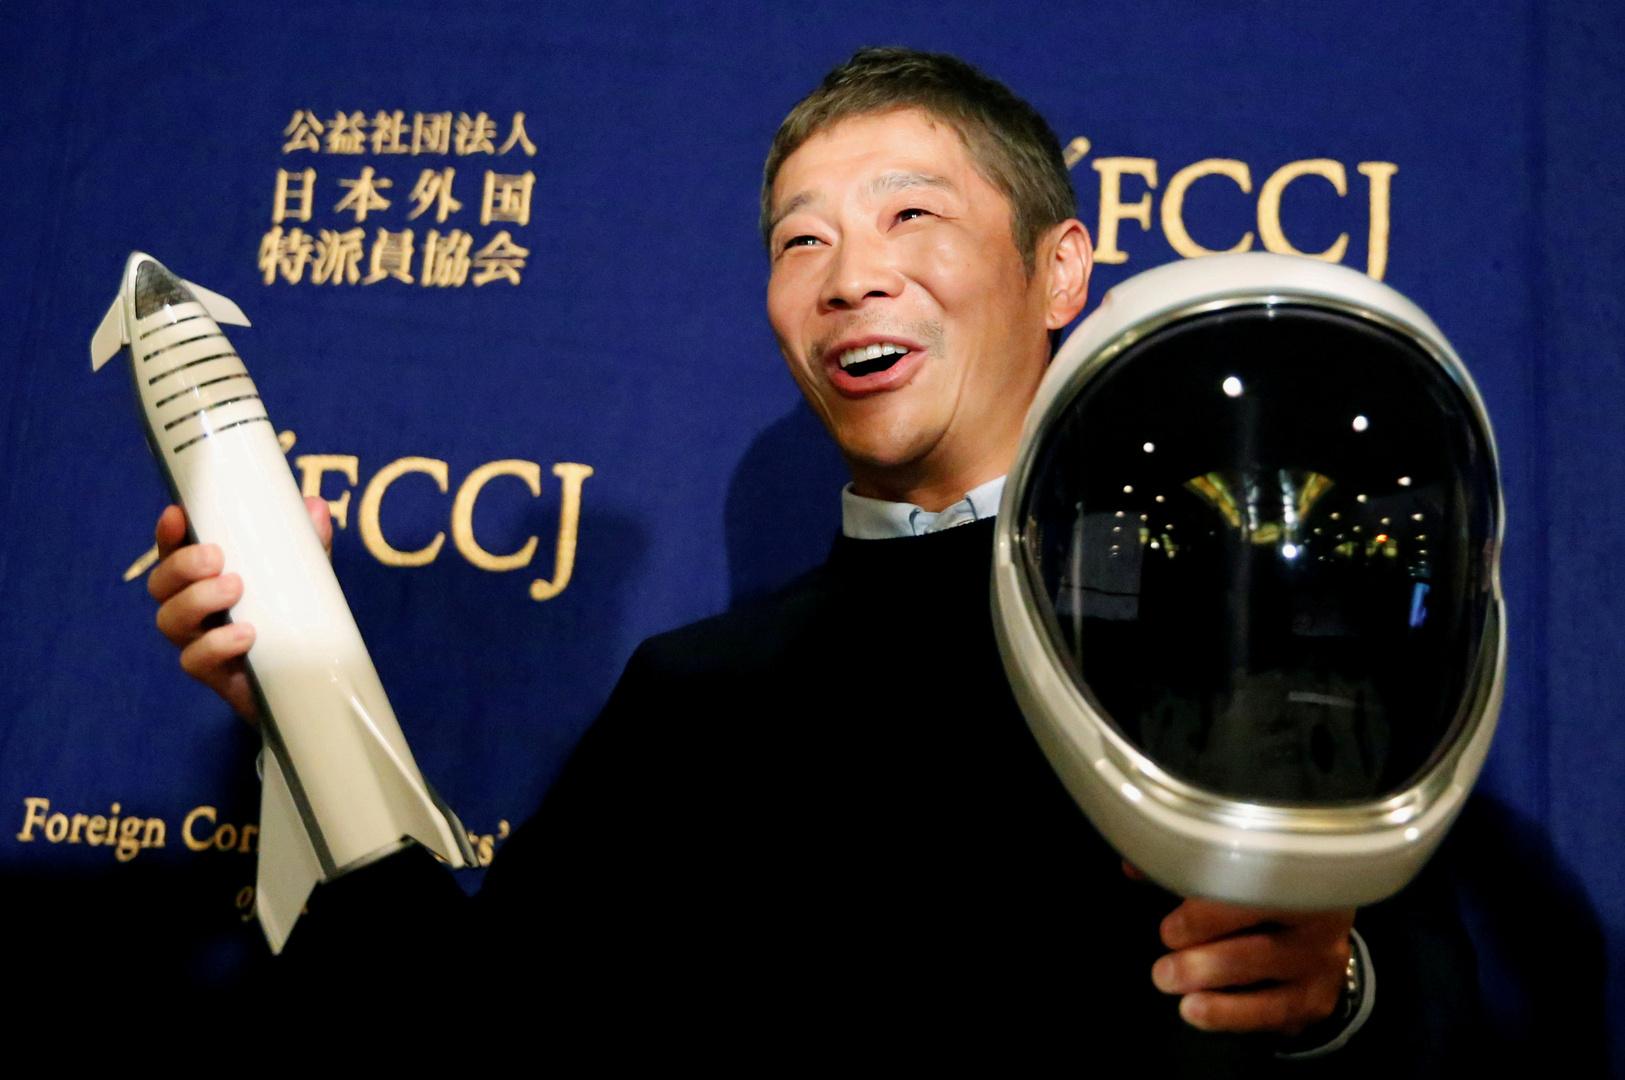 ملياردير ياباني يبحث عن 8 أشخاص من حول العالم لمرافقته إلى القمر